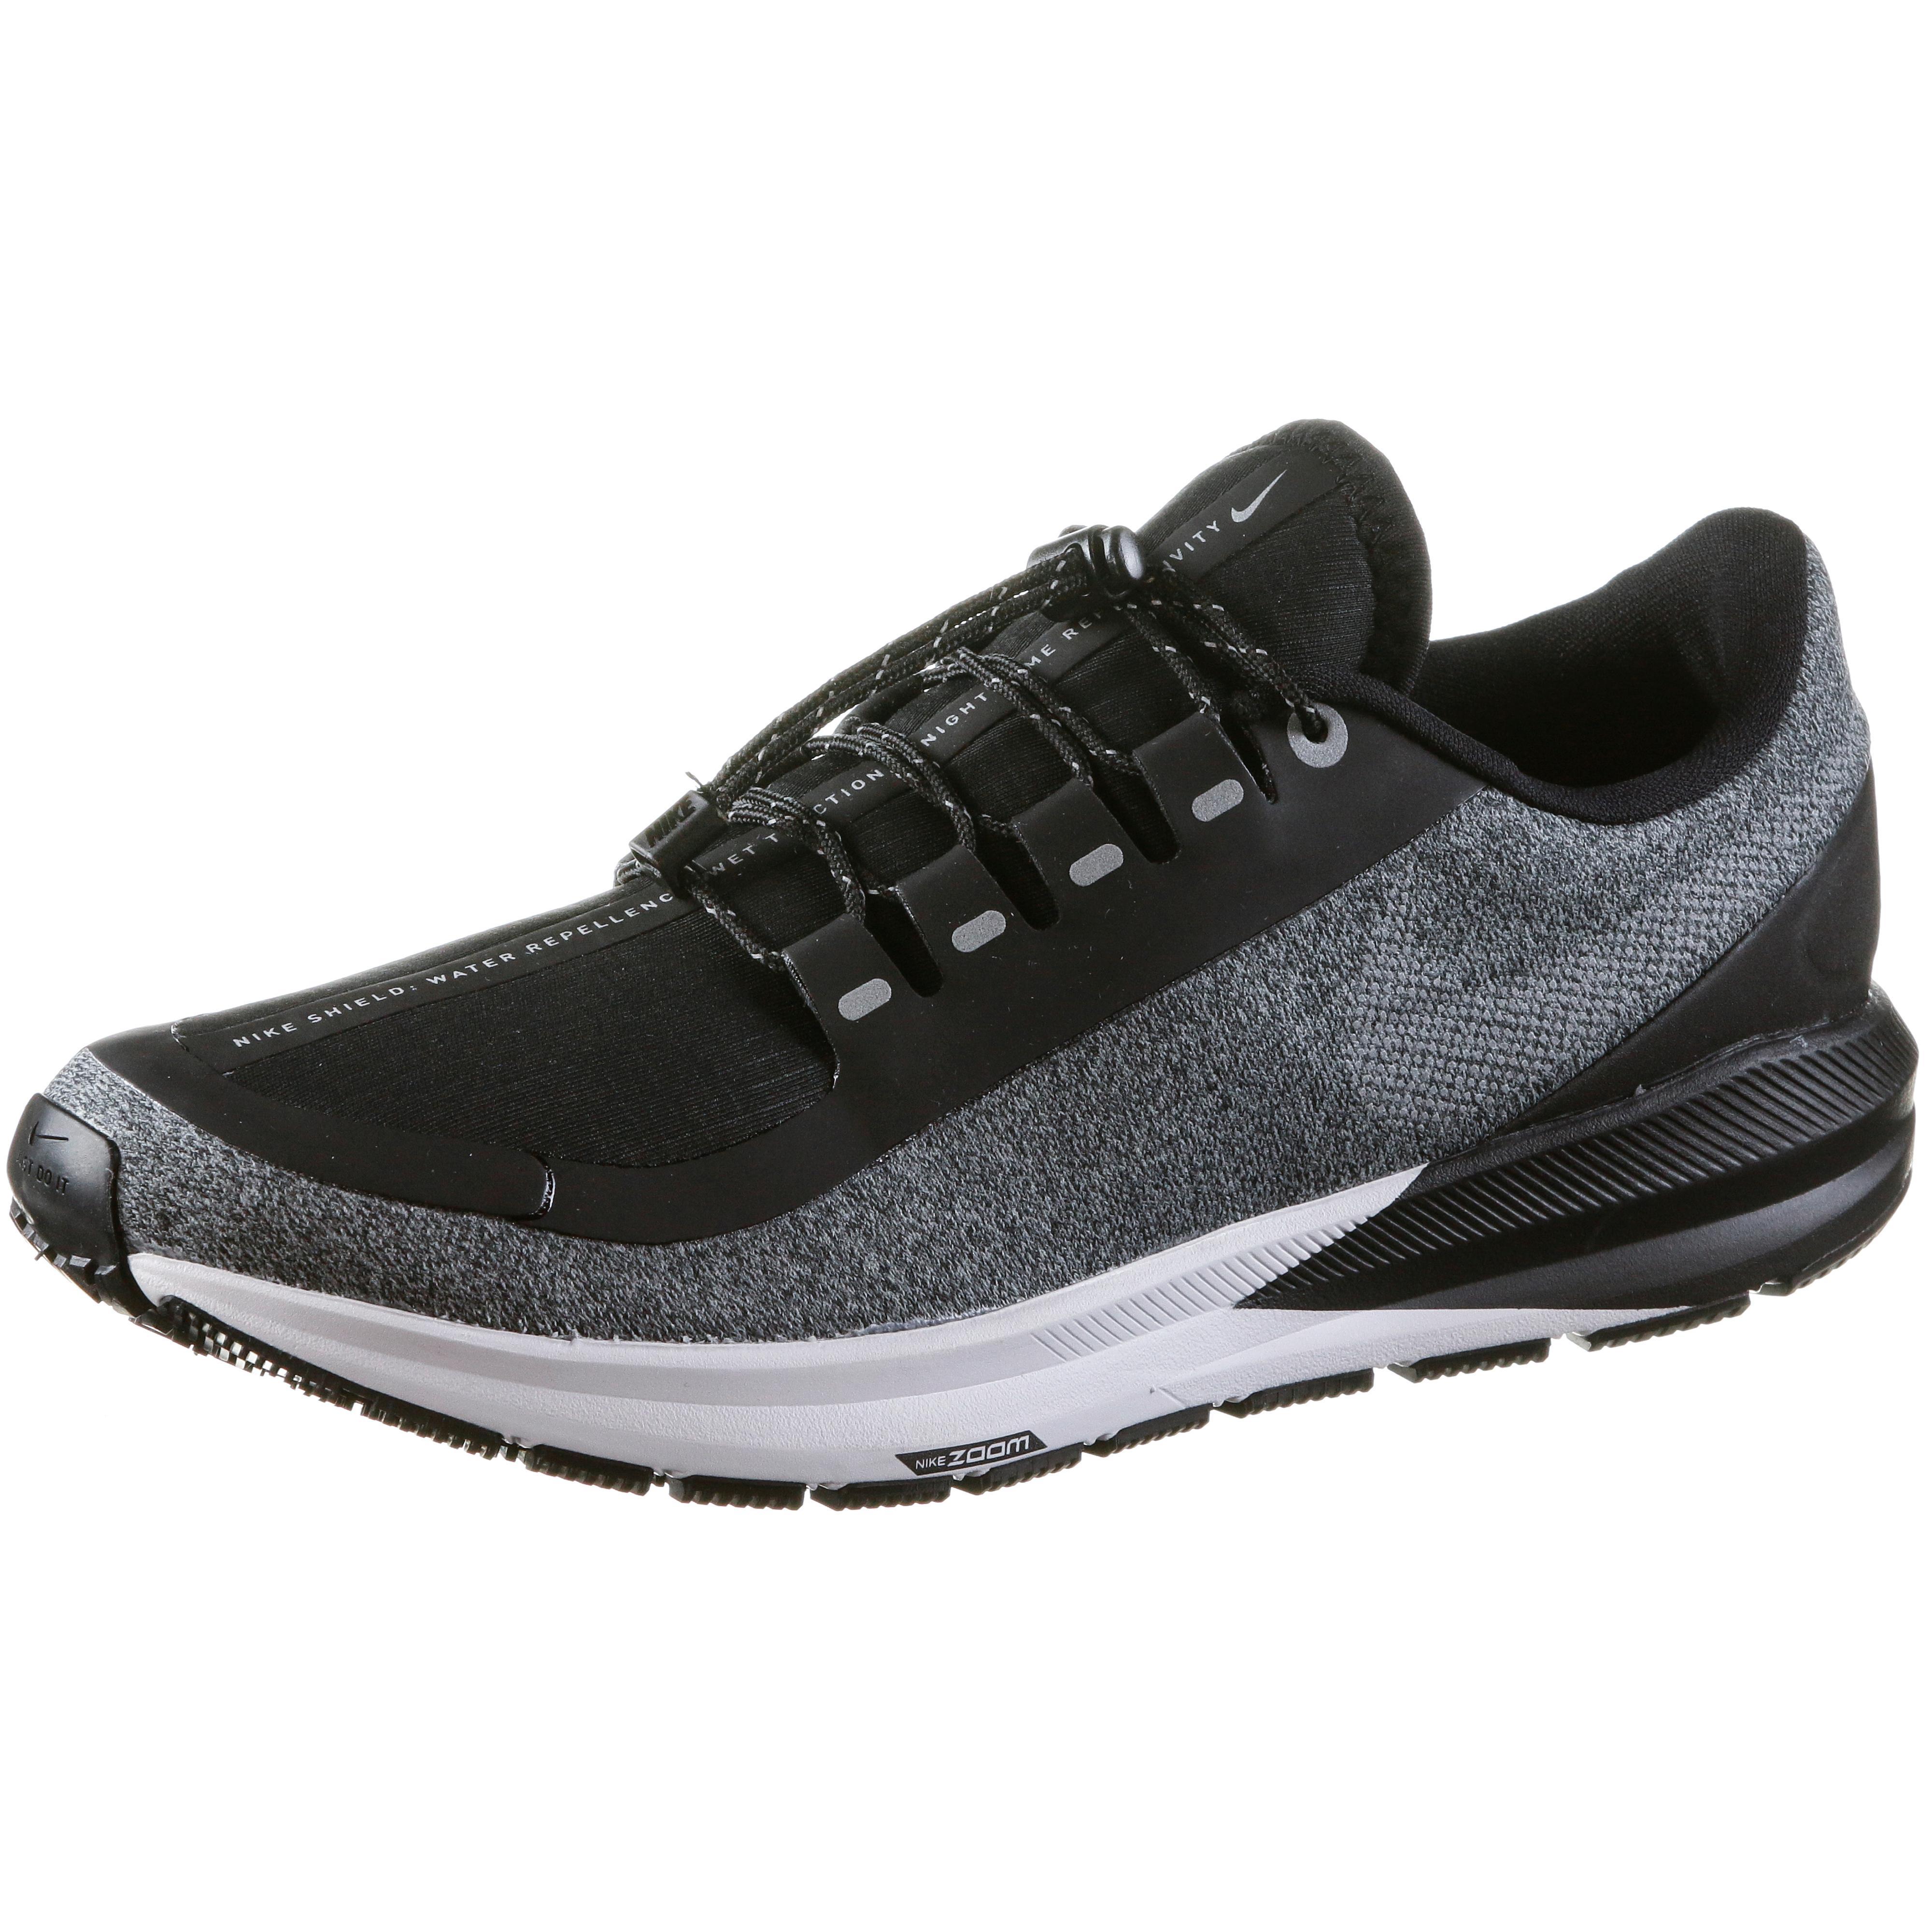 945ebac39ba Nike Air Zoom Structure 22 Shield Laufschuhe Damen black-metallic-silver- cool-grey im Online Shop von SportScheck kaufen